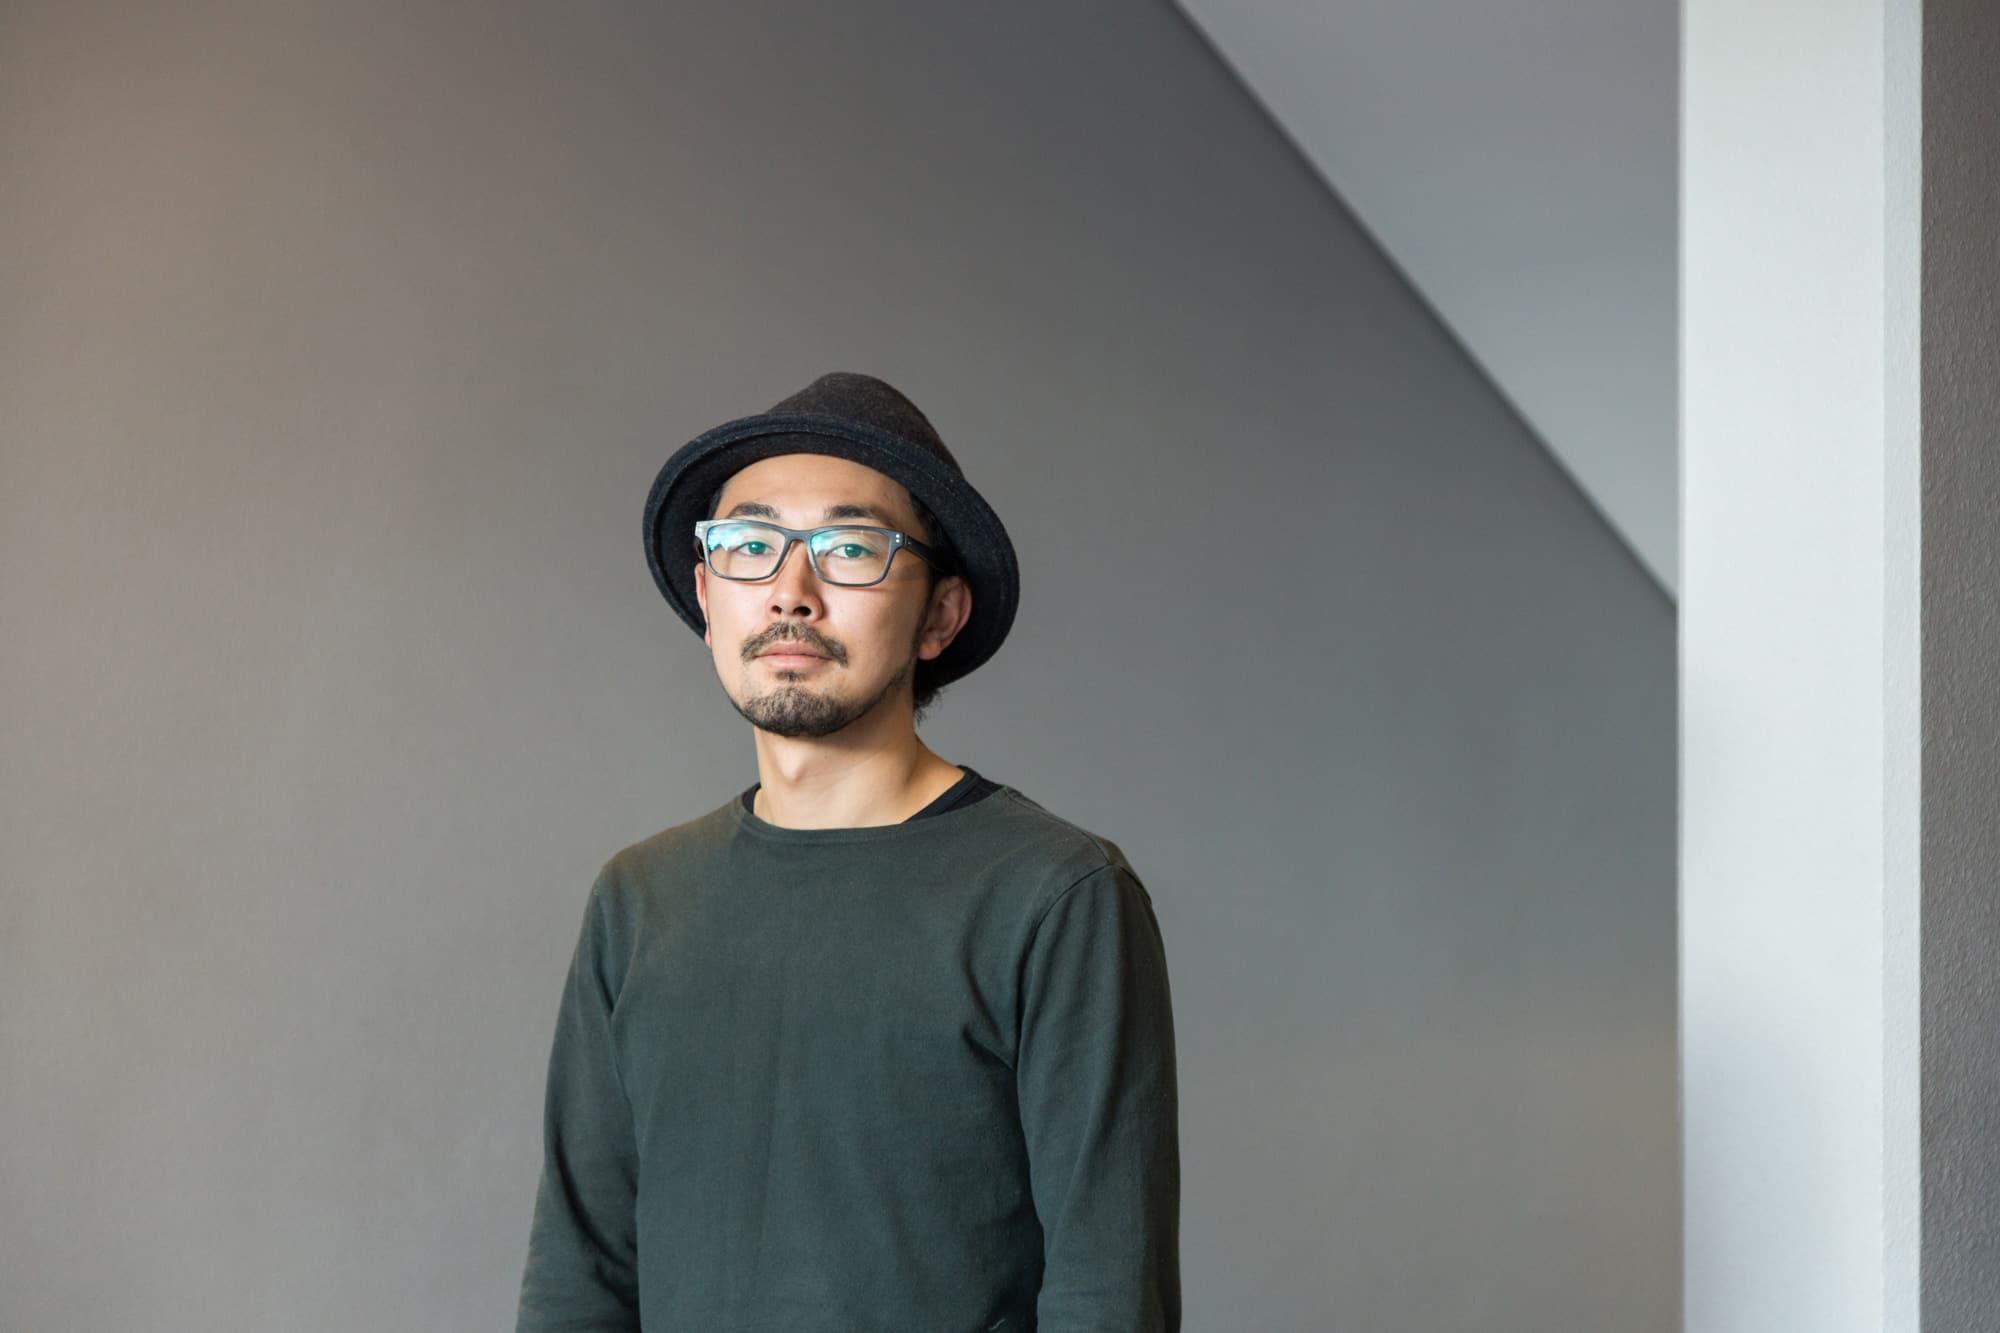 物語を「語る」写真集はいかにして生まれたのか?小原一真の創作の原点を追う【前編】 | Interview Kazuma Obara